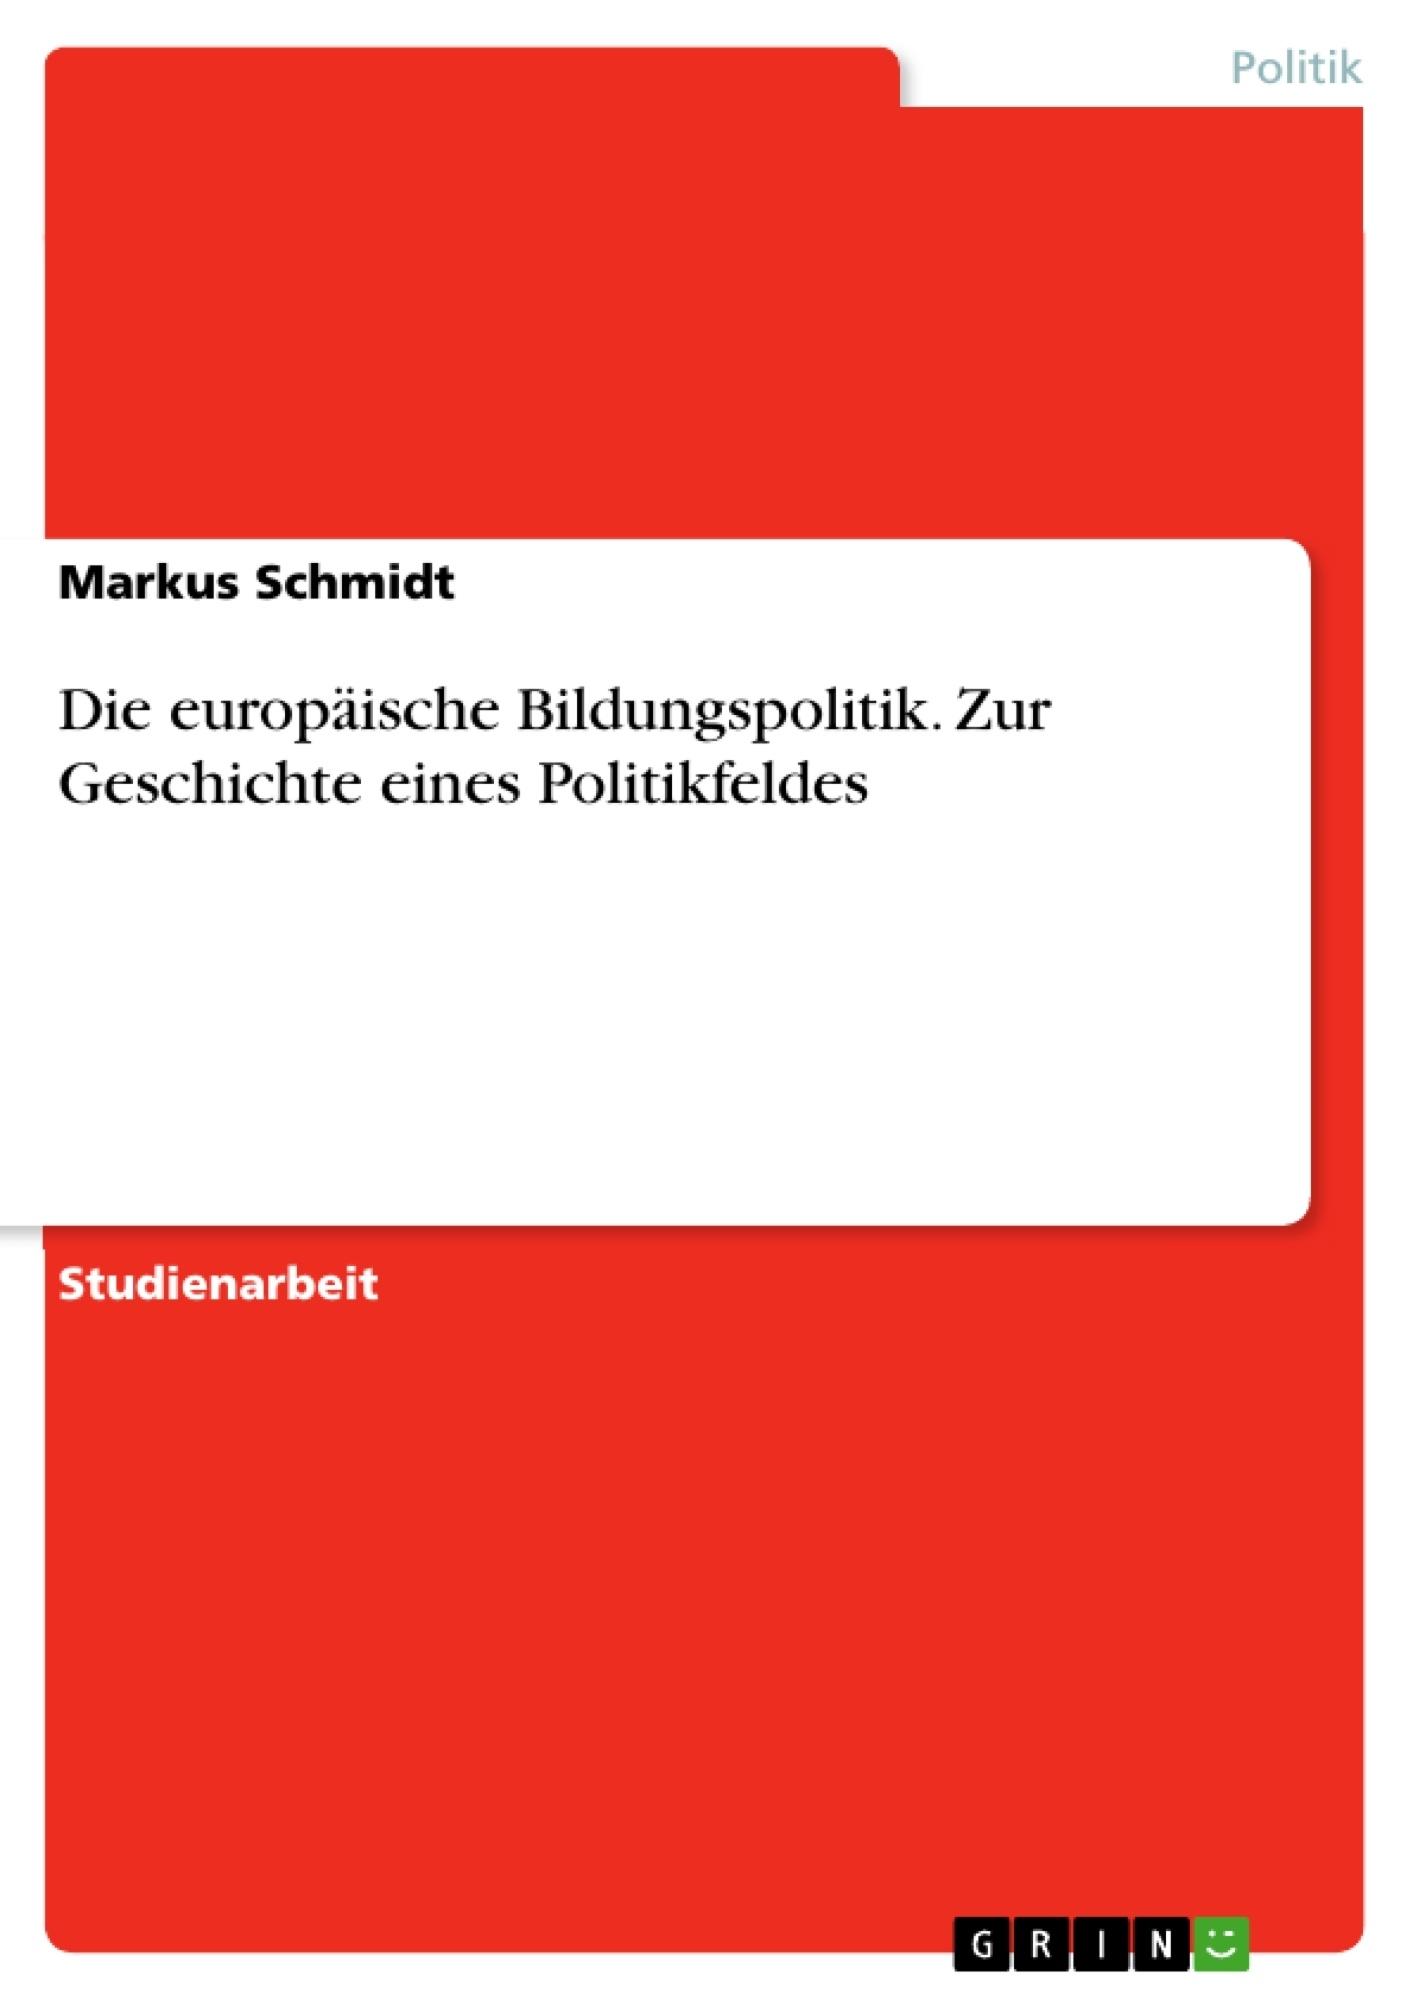 Titel: Die europäische Bildungspolitik. Zur Geschichte eines Politikfeldes